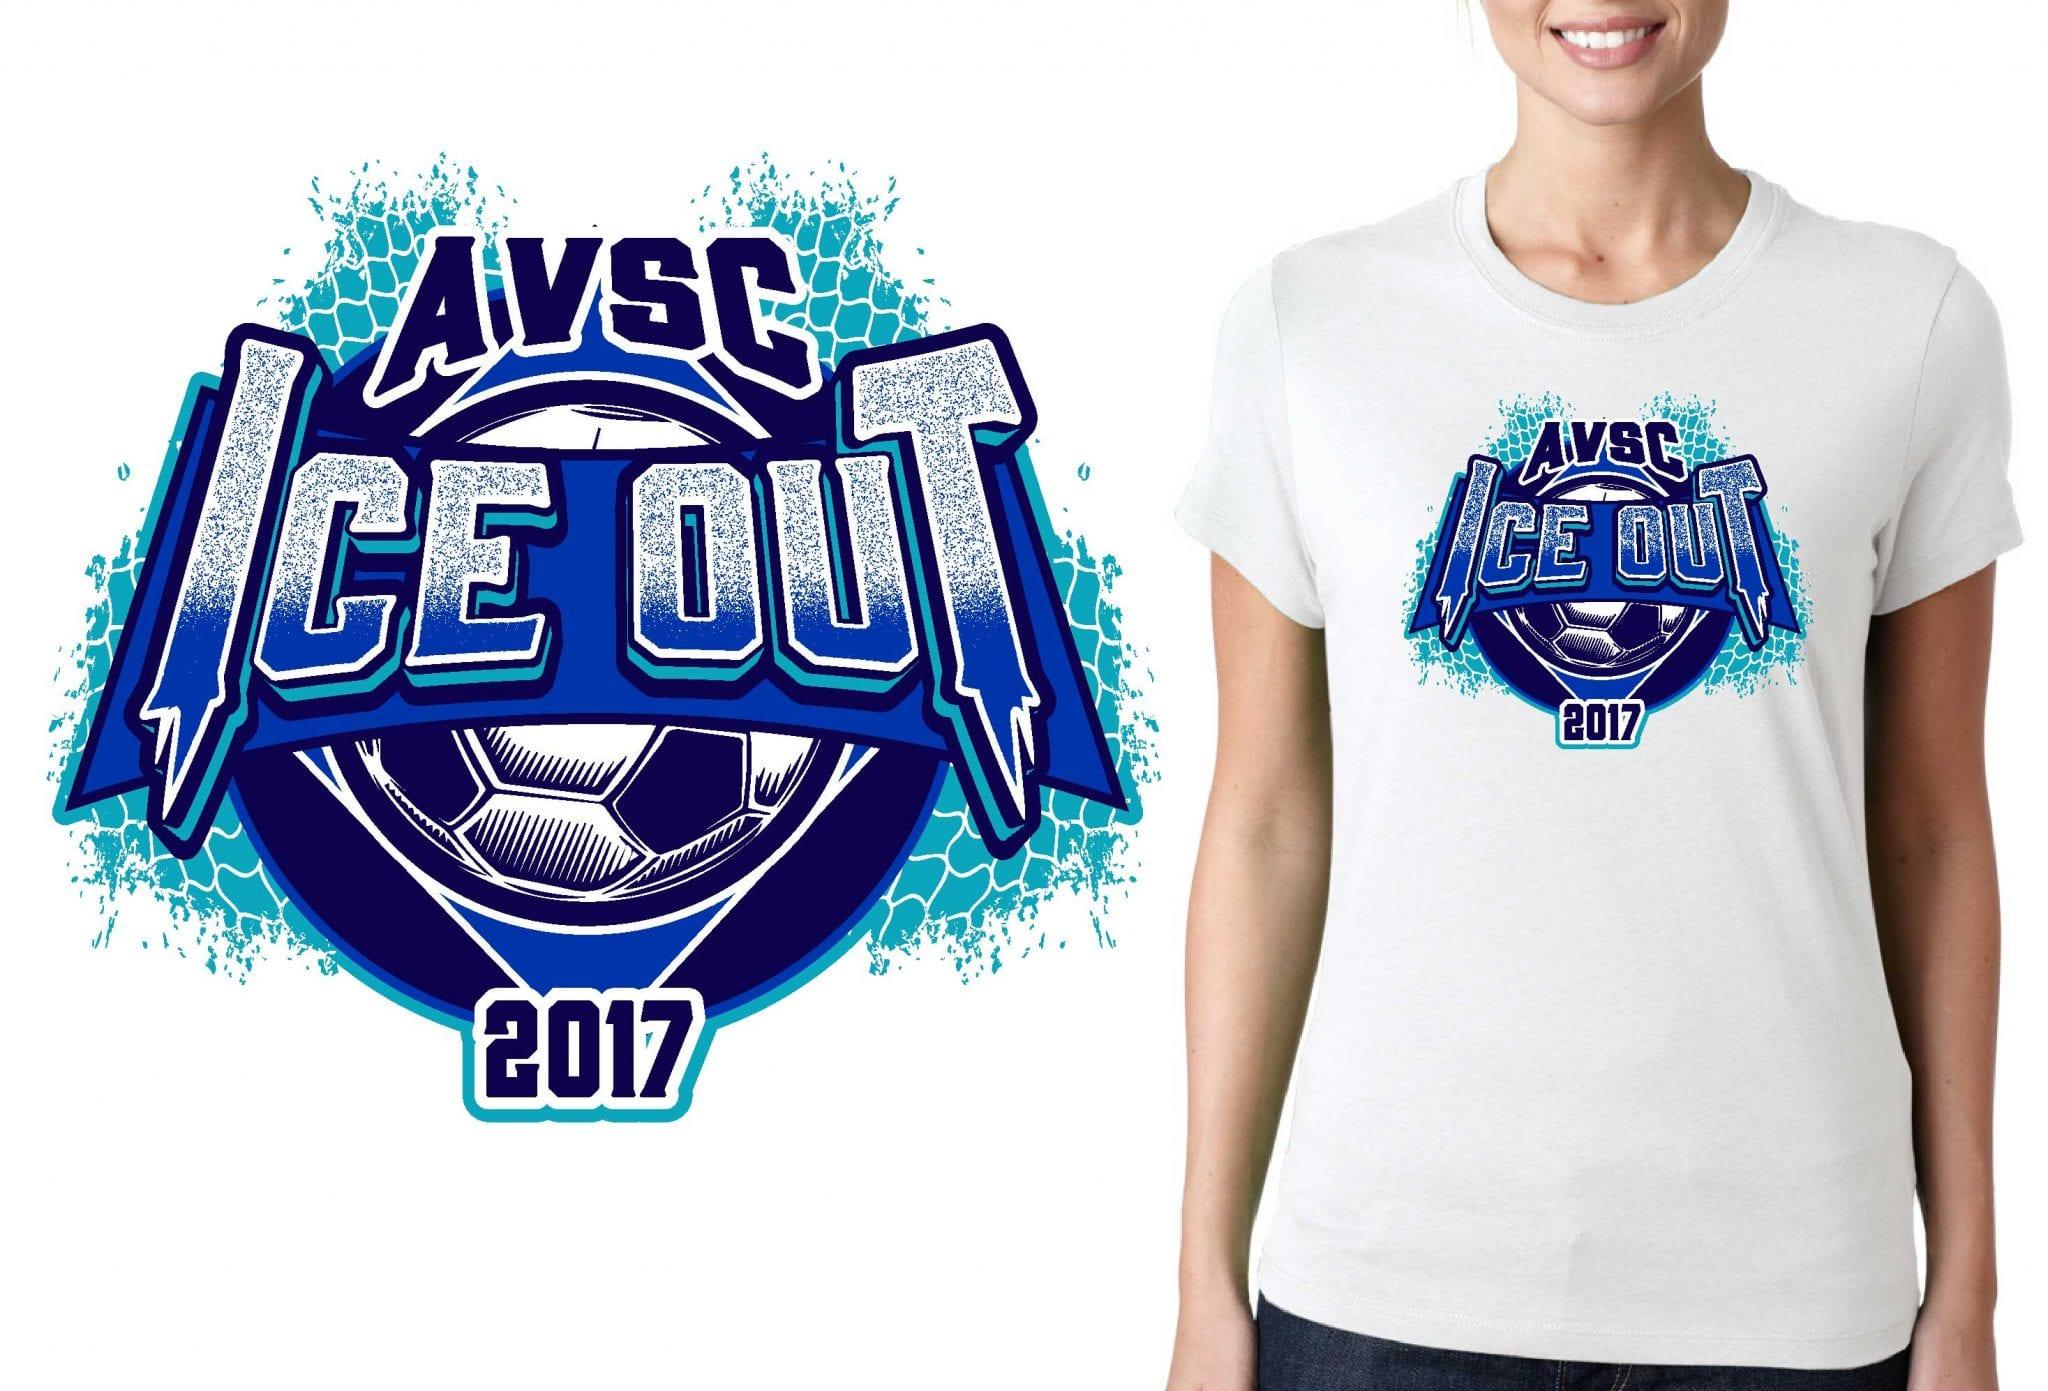 SOCCER TSHIRT LOGO DESIGN for 2017-AVSC-Ice-Out BY UrArtStudio